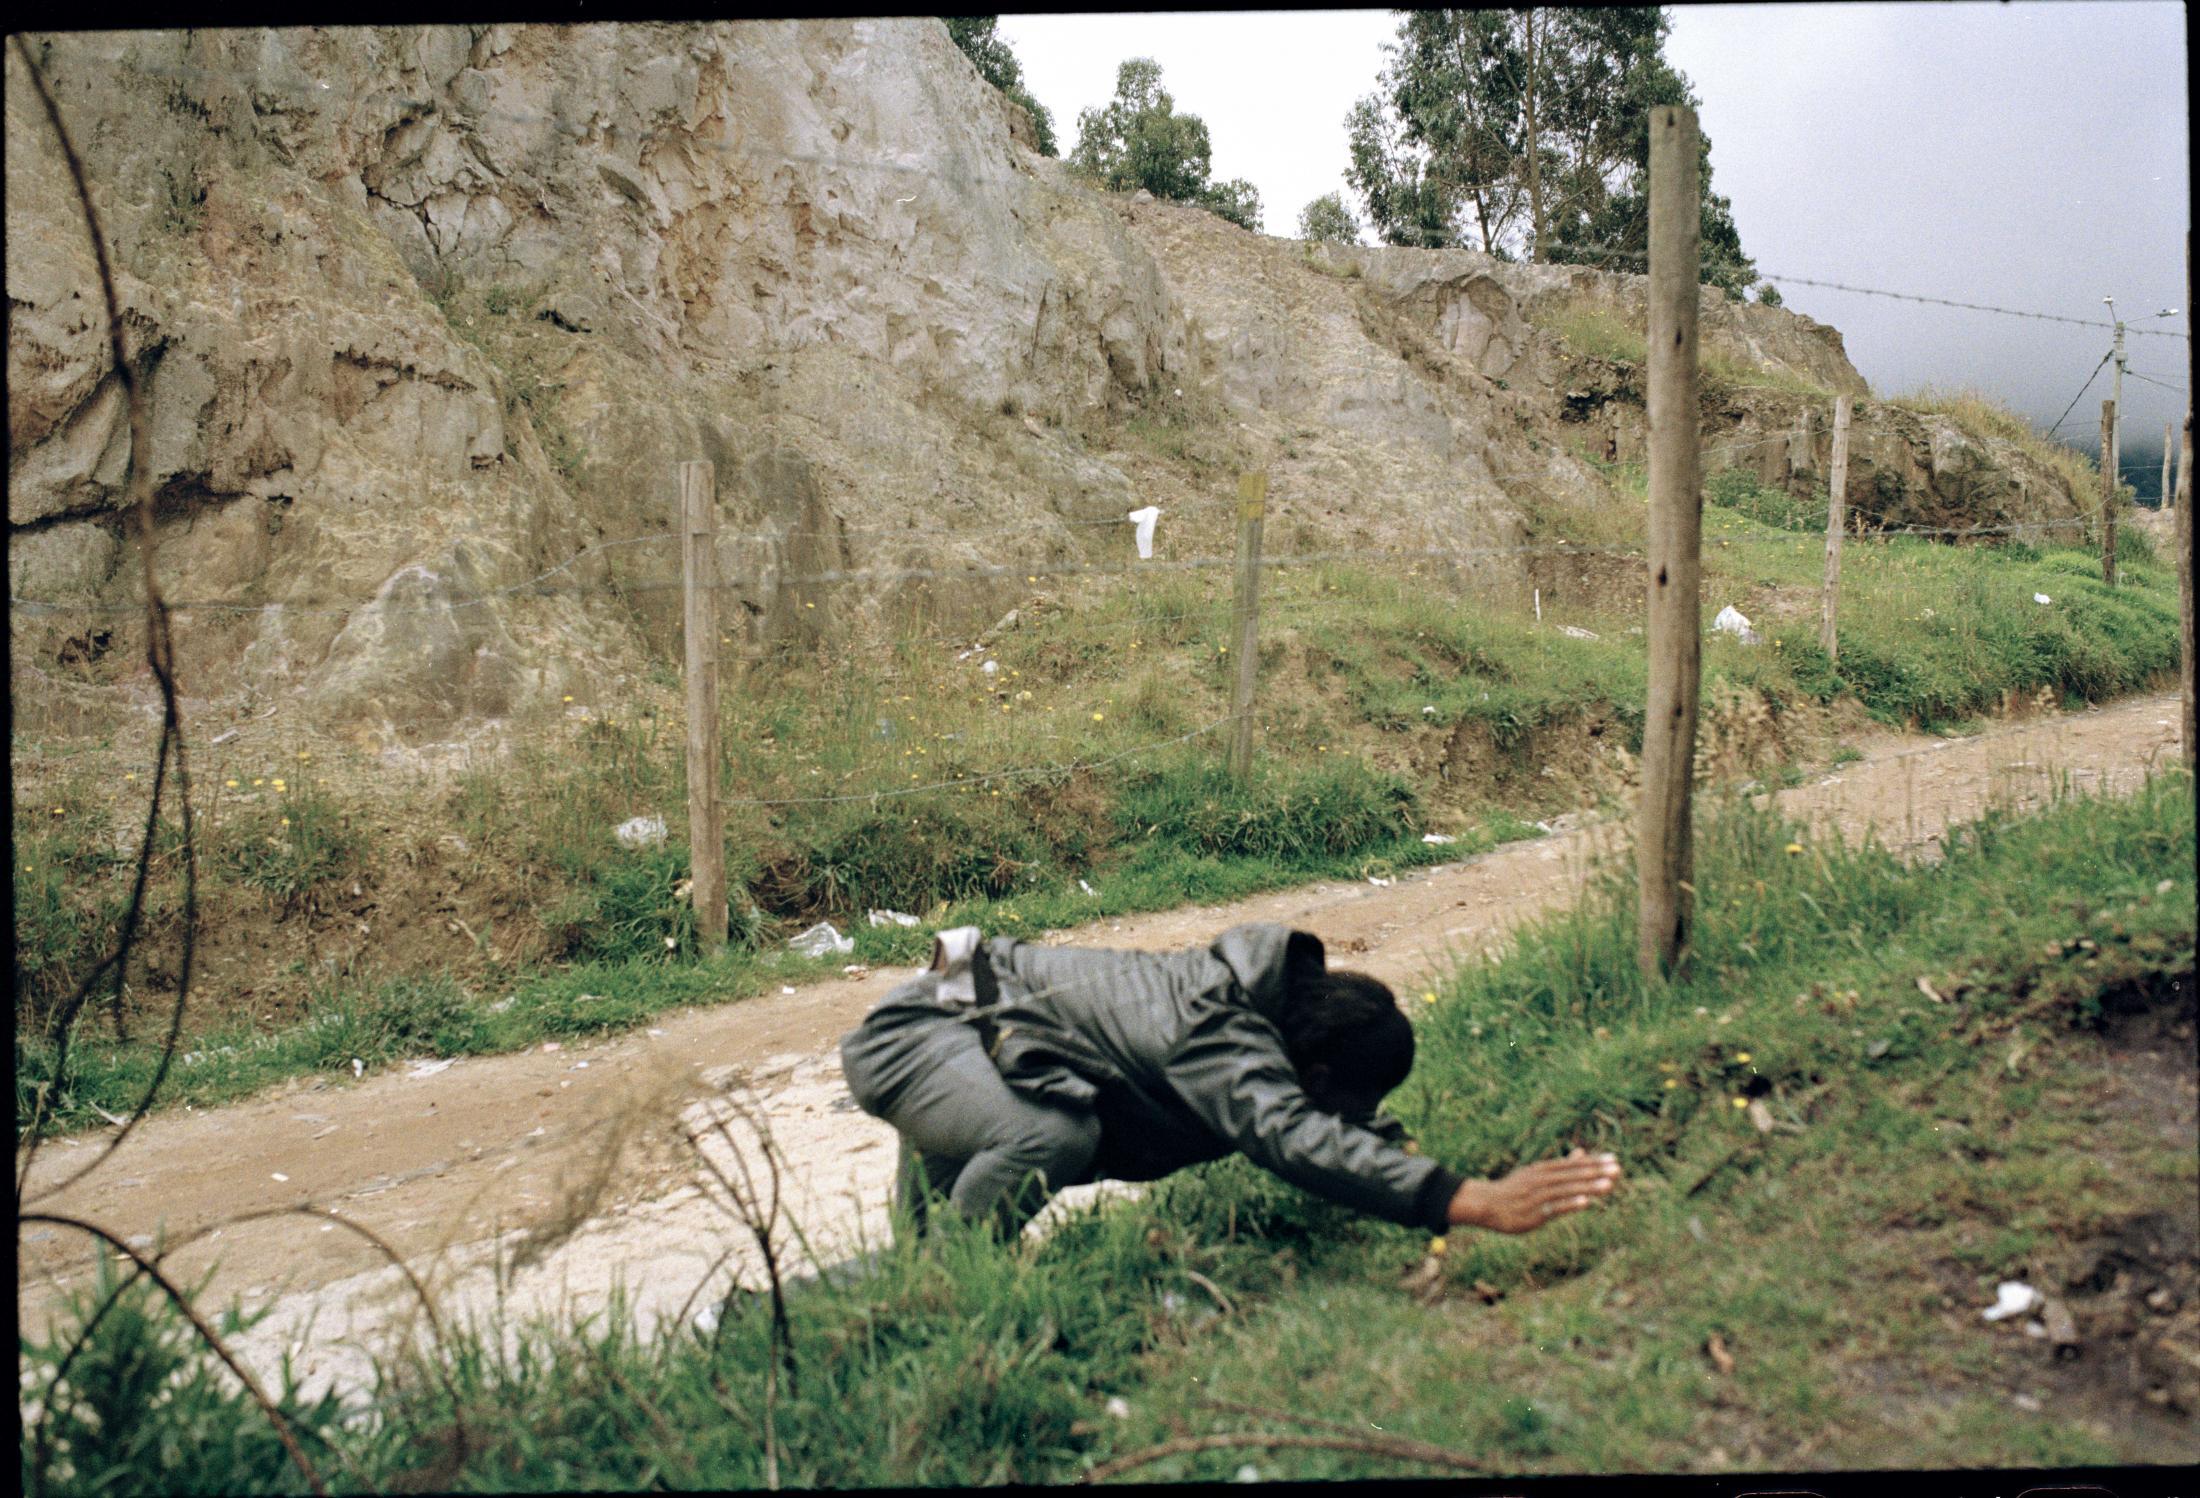 Arley Estupiñán imita el movimiento que hizo en la madrugada del 13 de enero de 20178 cuando fue víctima de un atentado con arma de fuego mientras regresaba a su vivienda en el barrio San Germán, en la localidad de Usme, al norte de Bogotá. Al escuchar los disparos y ver el destello del arma colina arriba, Estupiñán saltó una cerca de puas y rodó cuesta abajo. Uno de los tres proyectiles que le dispararon alcanzó a rozar su brazo.